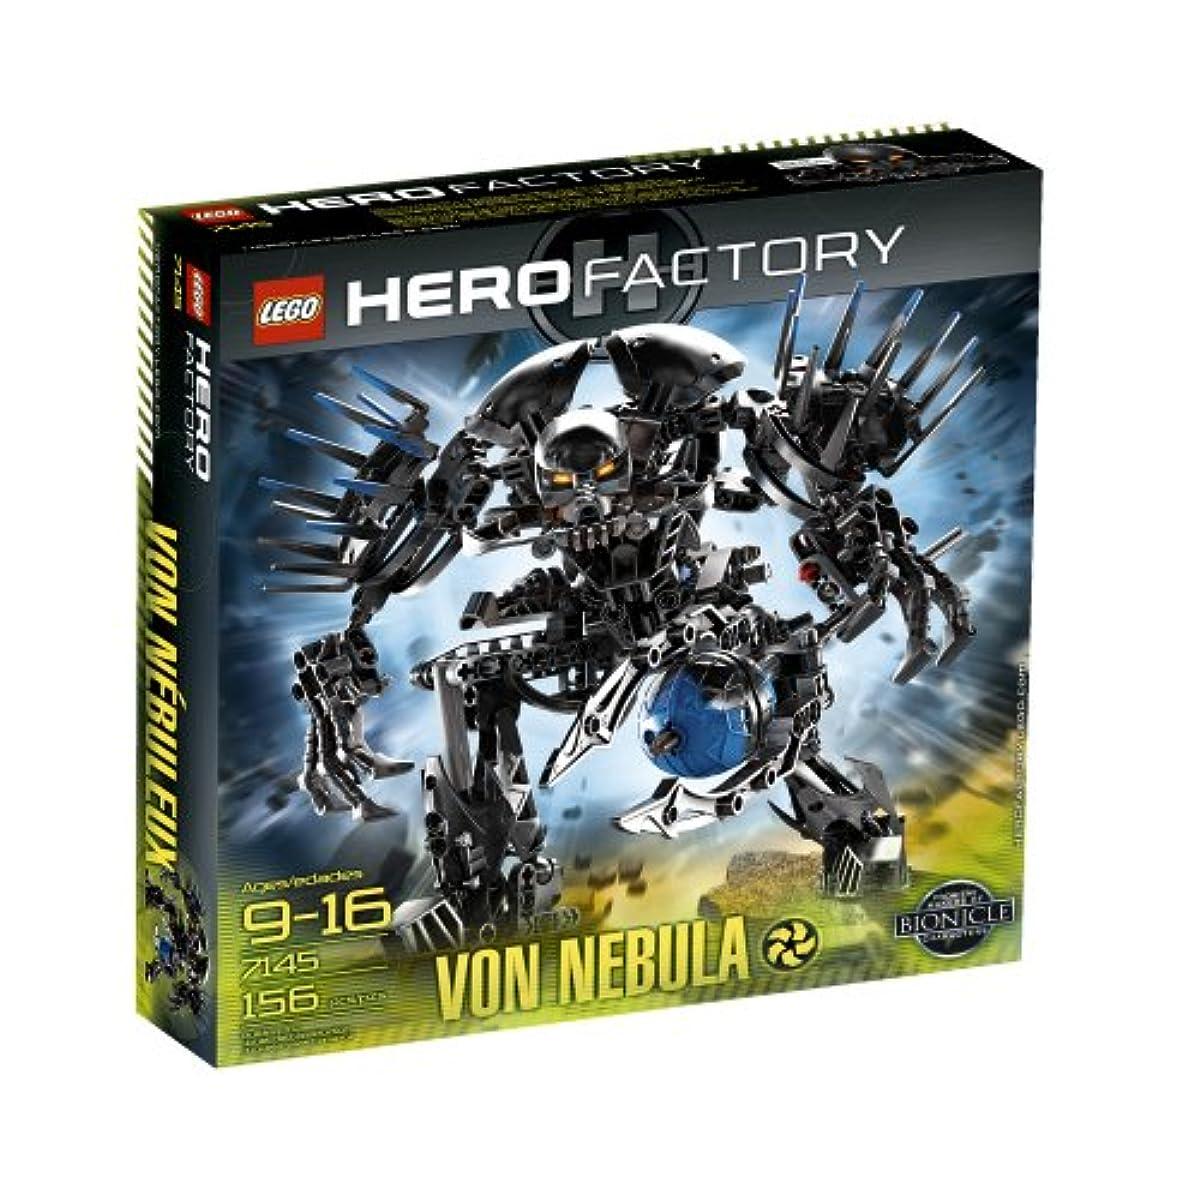 [해외] LEGO 7145 VON NEBULA (레고 히어로팩토리 폰네뷸라(Nebula))-4568030